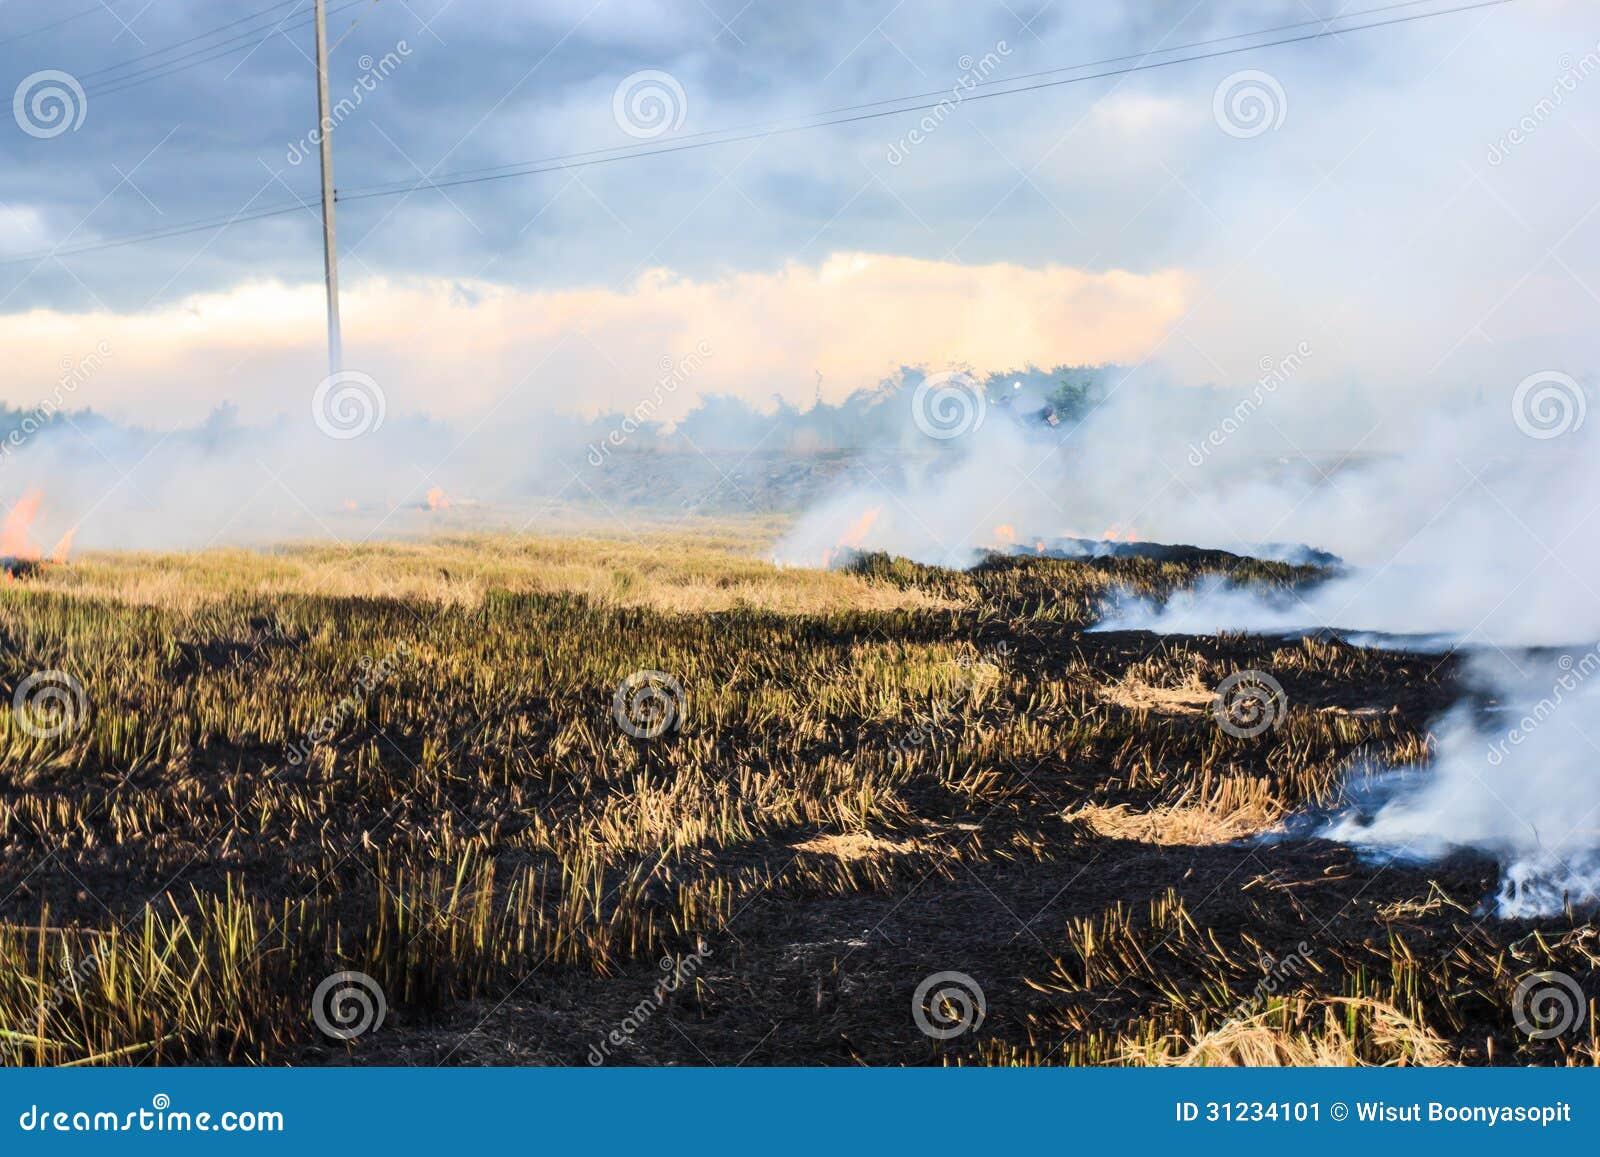 Paja ardiente en la plantación del arroz.